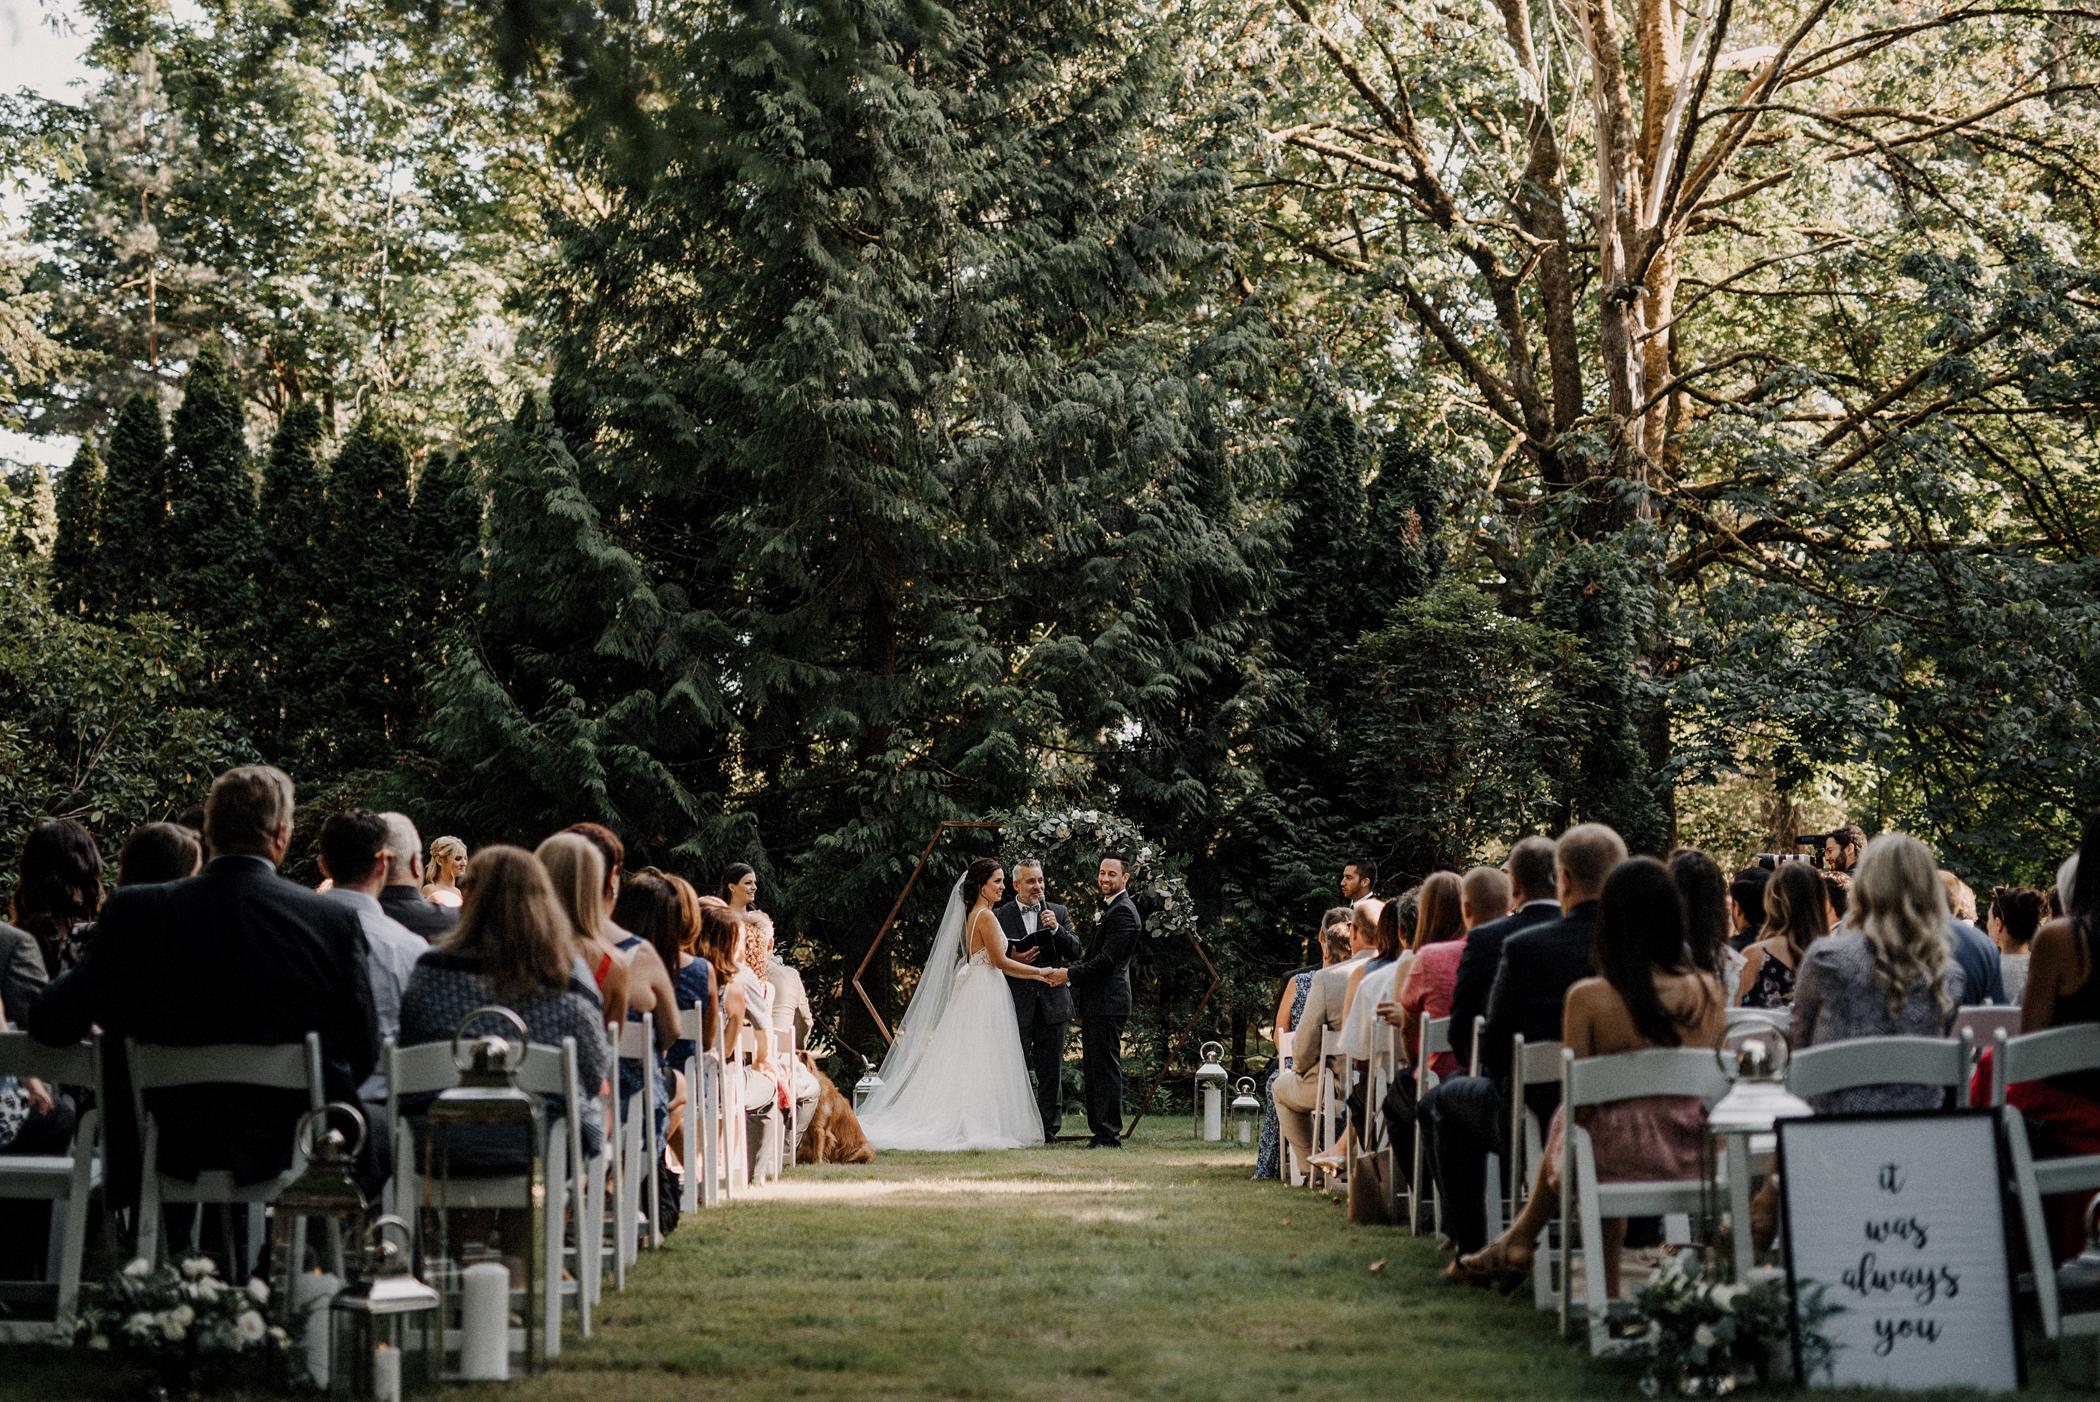 034-kaoverii-silva-KR-wedding-vancouver-photography-blog.png